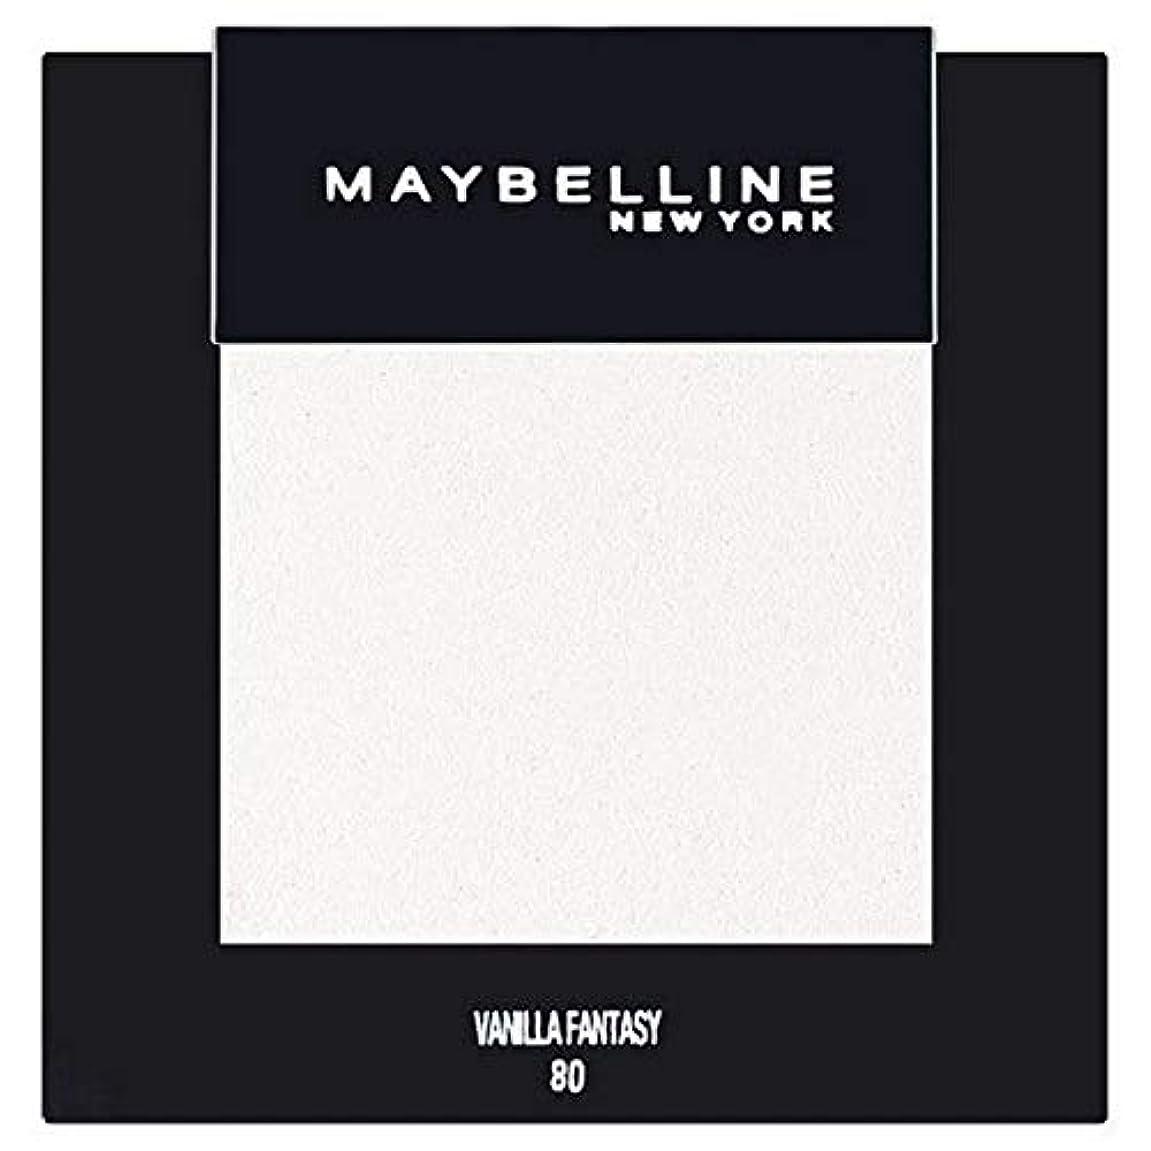 登録するセグメント猫背[Maybelline ] メイベリンカラーショーシングルアイシャドウ80バニラ - Maybelline Color Show Single Eyeshadow 80 Vanilla [並行輸入品]